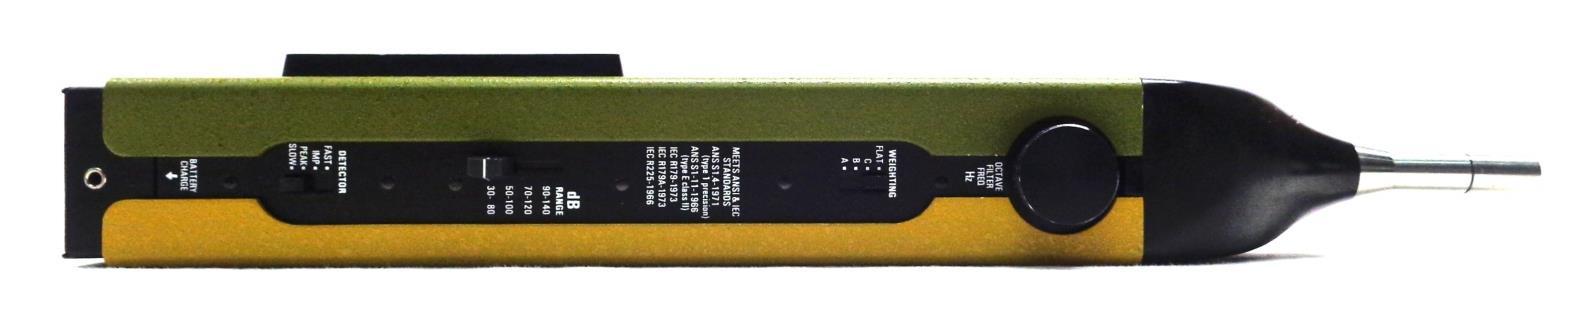 Audio Hz Meter : Genrad precision sound level meter analyzer hz